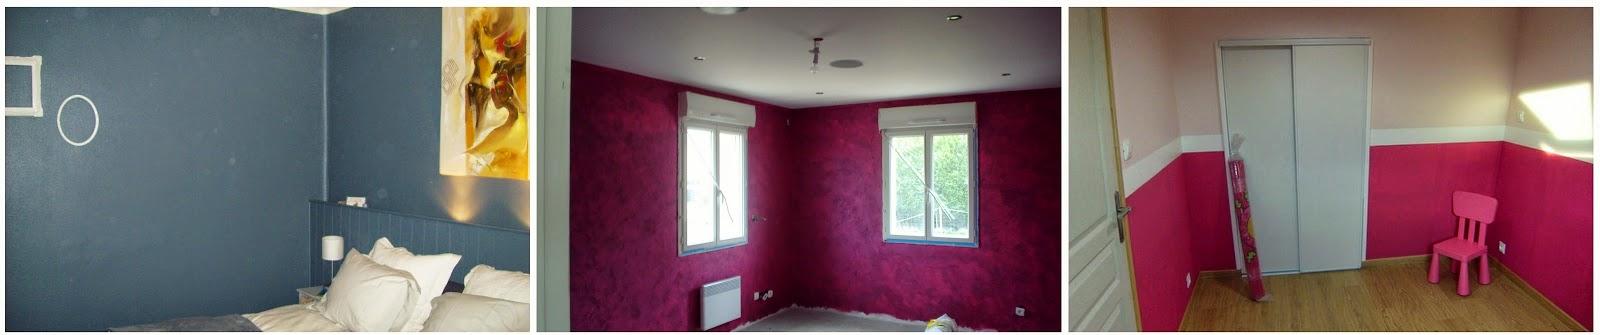 Renovation travaux peintre en batiment chambre paris entreprise de peinture paris for Peintre en batiment